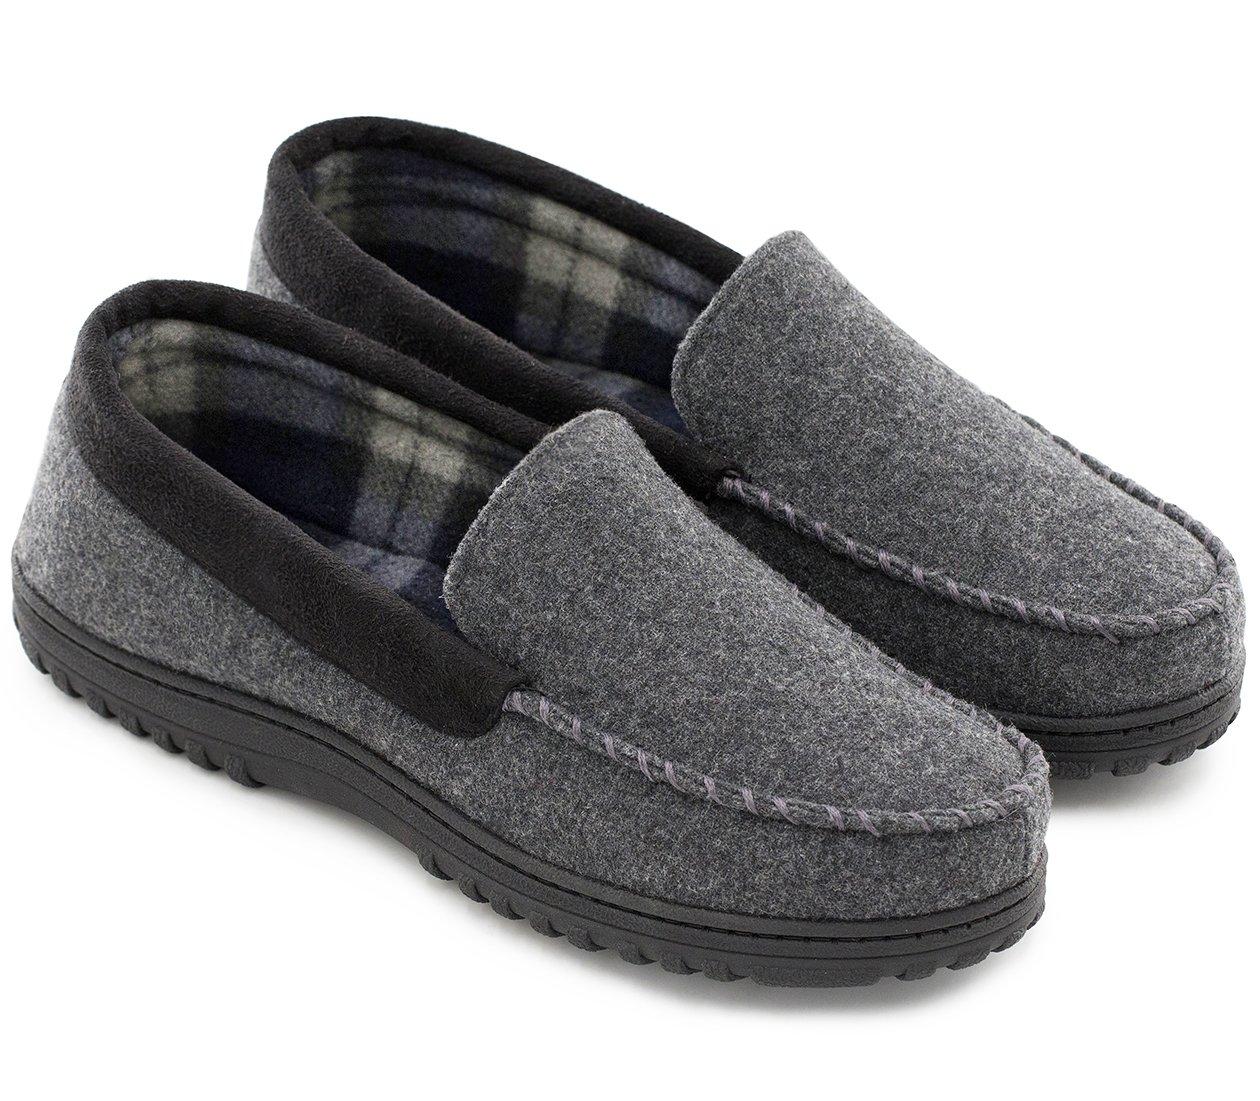 HomeTop Men's Indoor Outdoor Wool Micro Suede Moccasin Slippers House Shoes (44 (US Men's 11), Dark Gray)